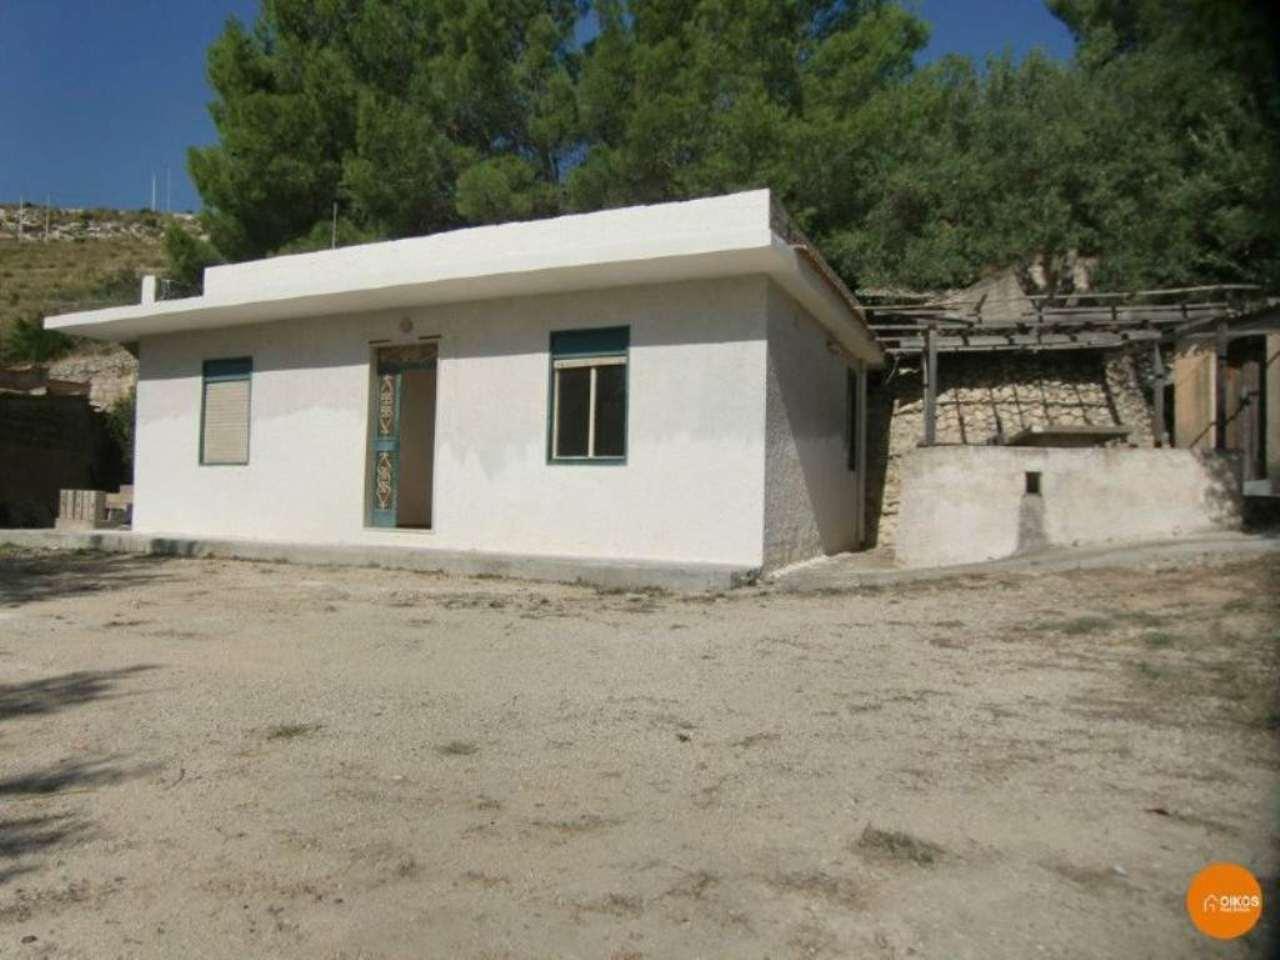 Villa in vendita a Noto, 2 locali, prezzo € 80.000   Cambio Casa.it